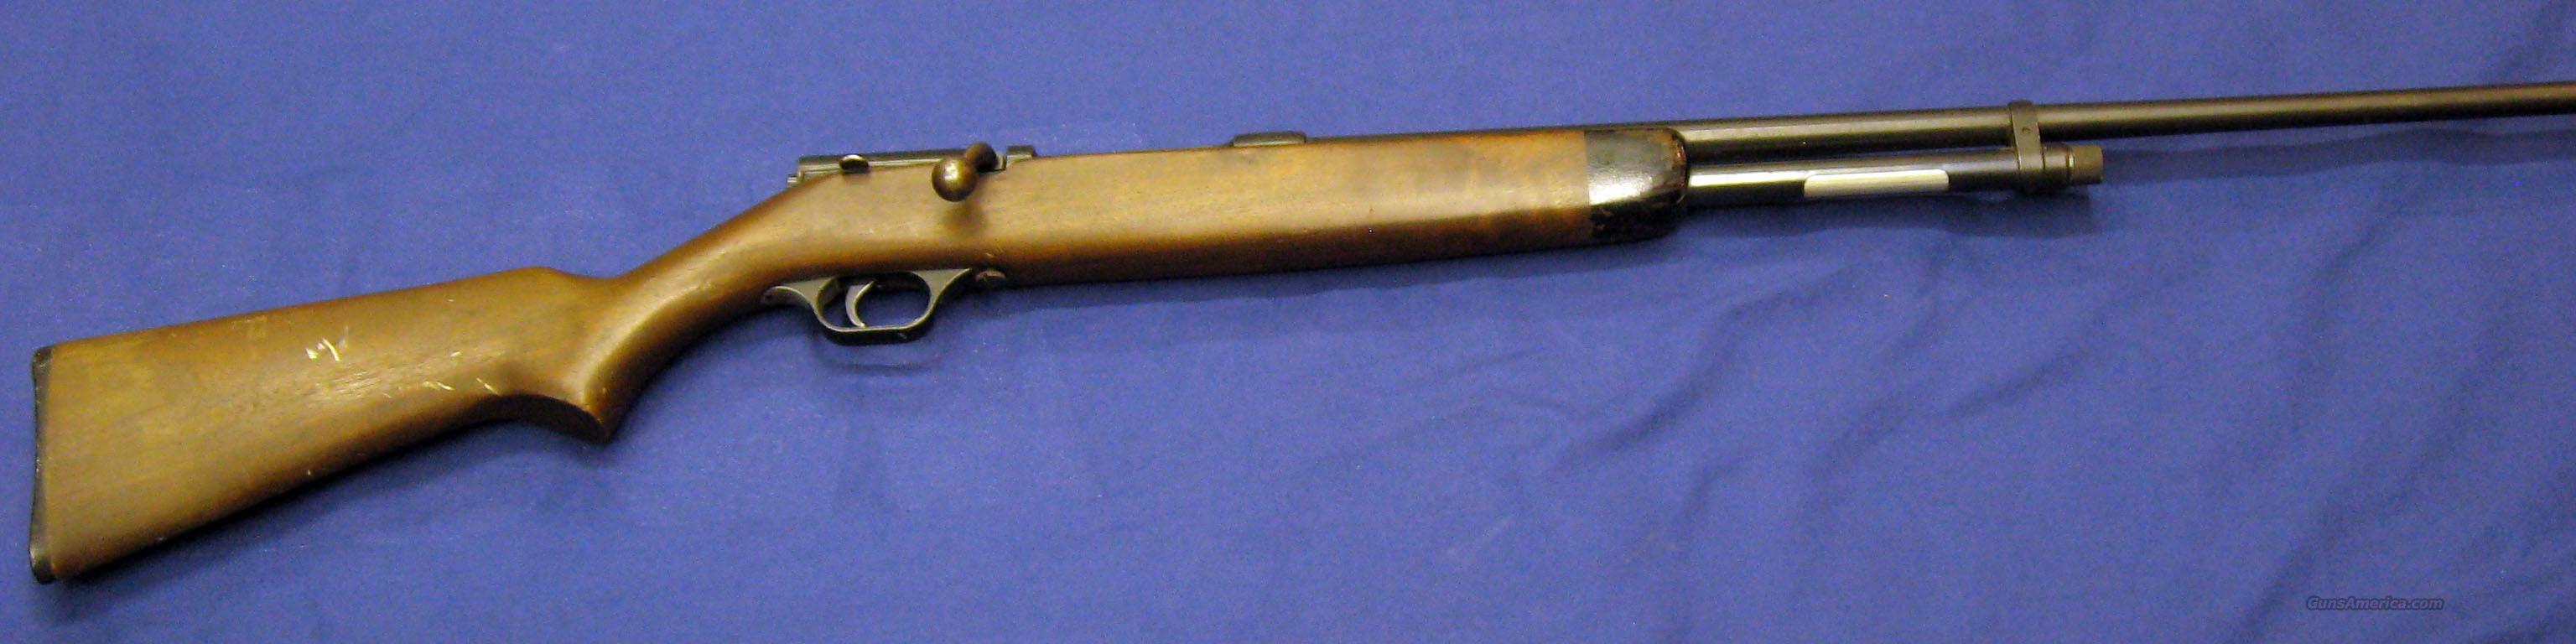 Savage Stevens Model 59A  410 Bolt Action Shotgun